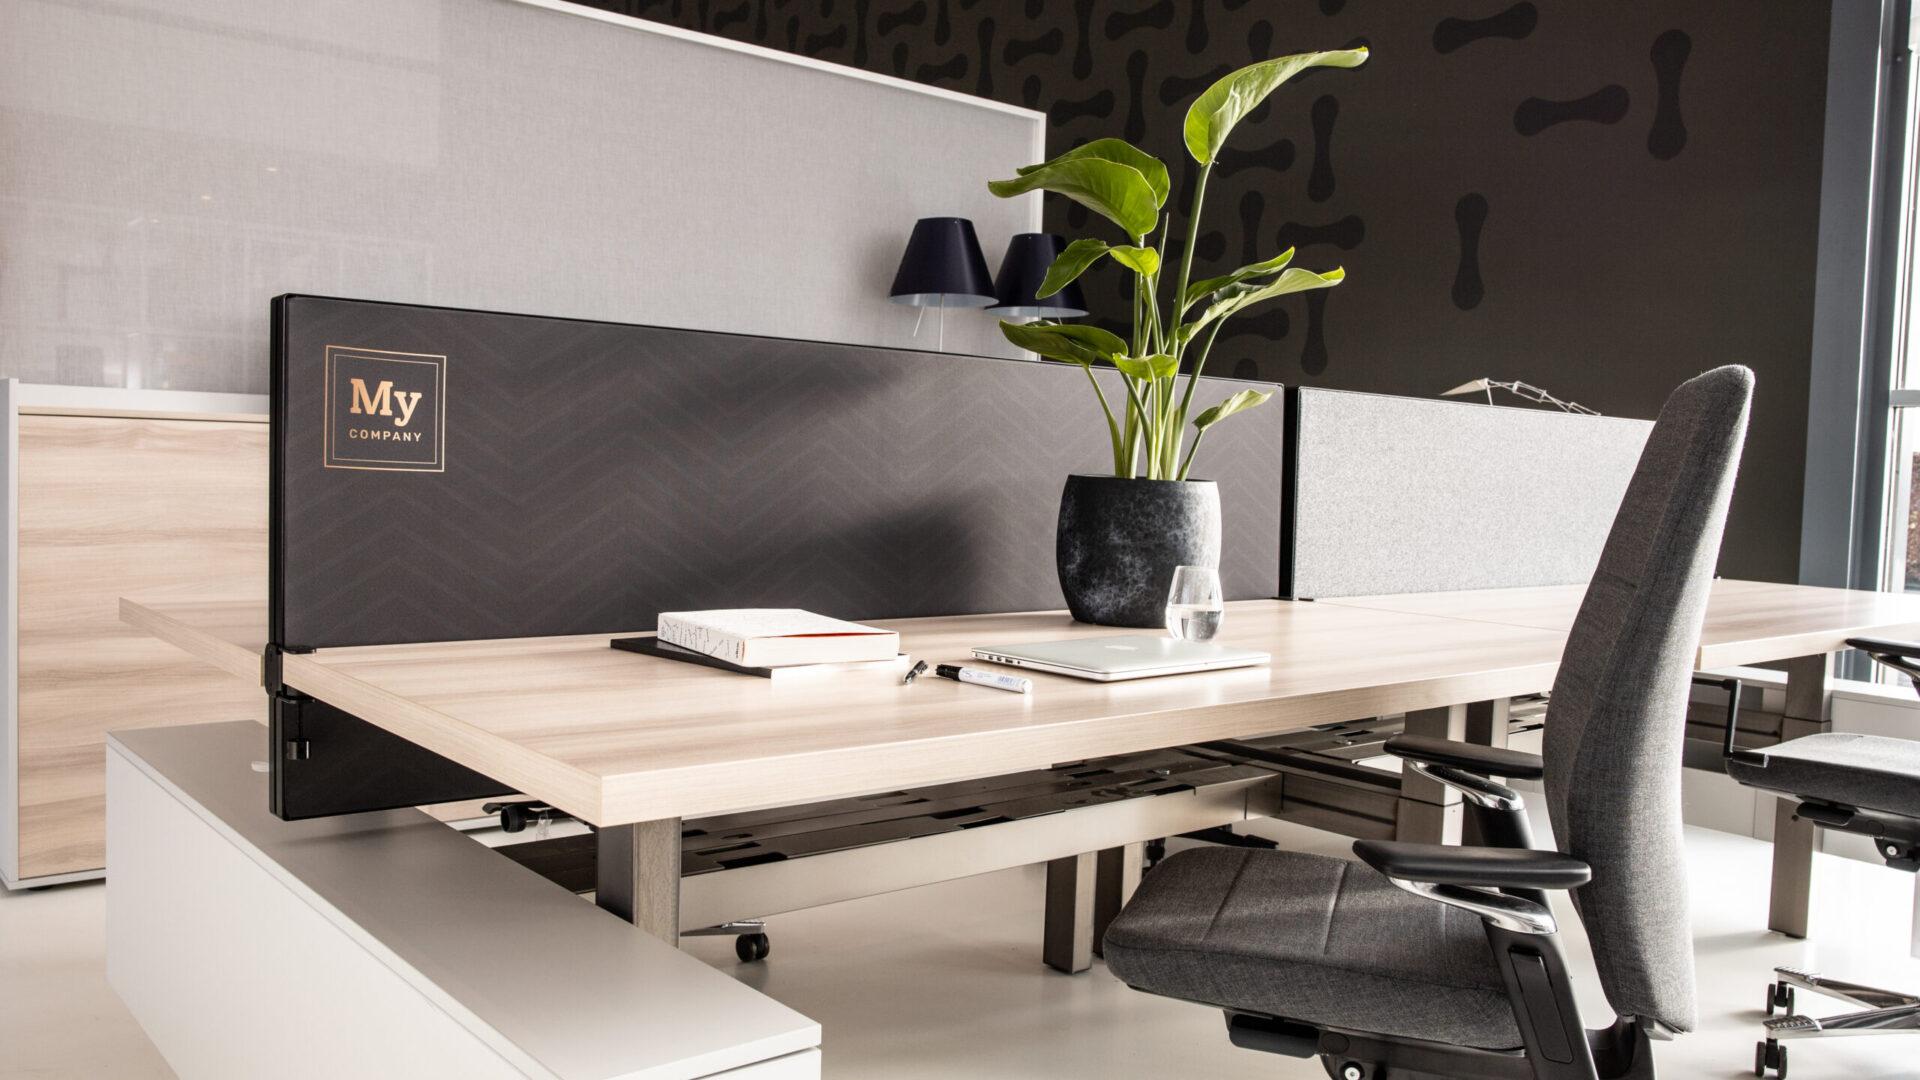 deskdividers